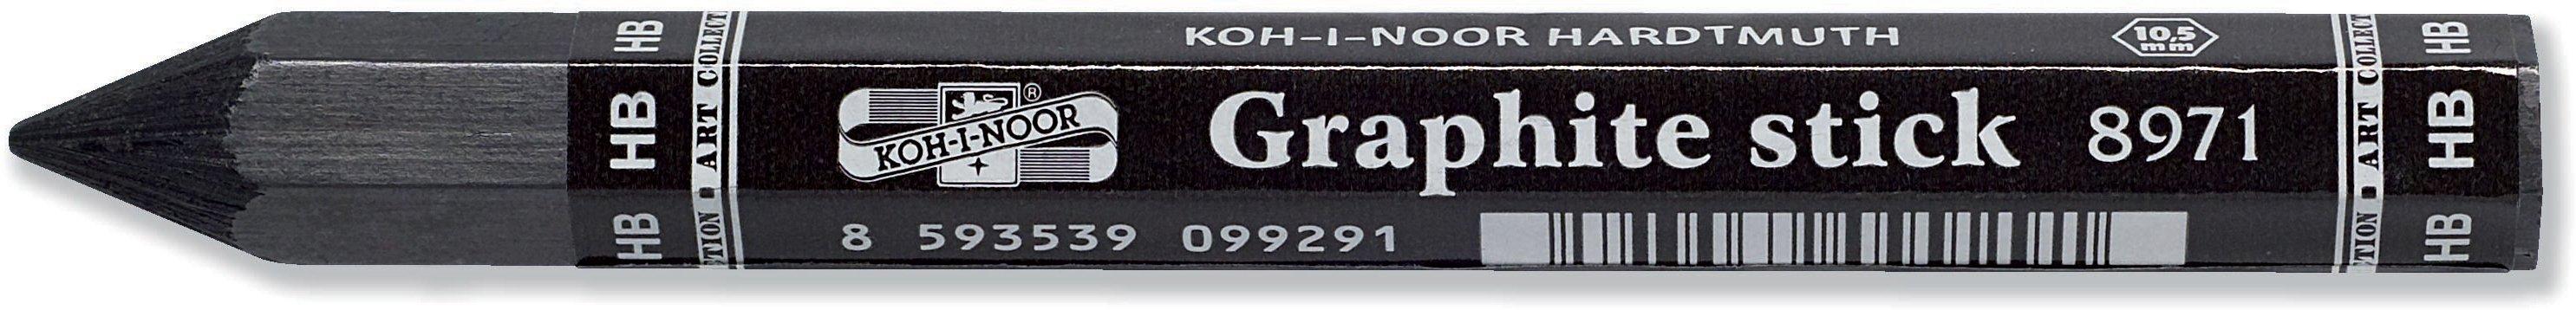 Progresso Extra Thick Solid Graphite Pencil- Single 2B